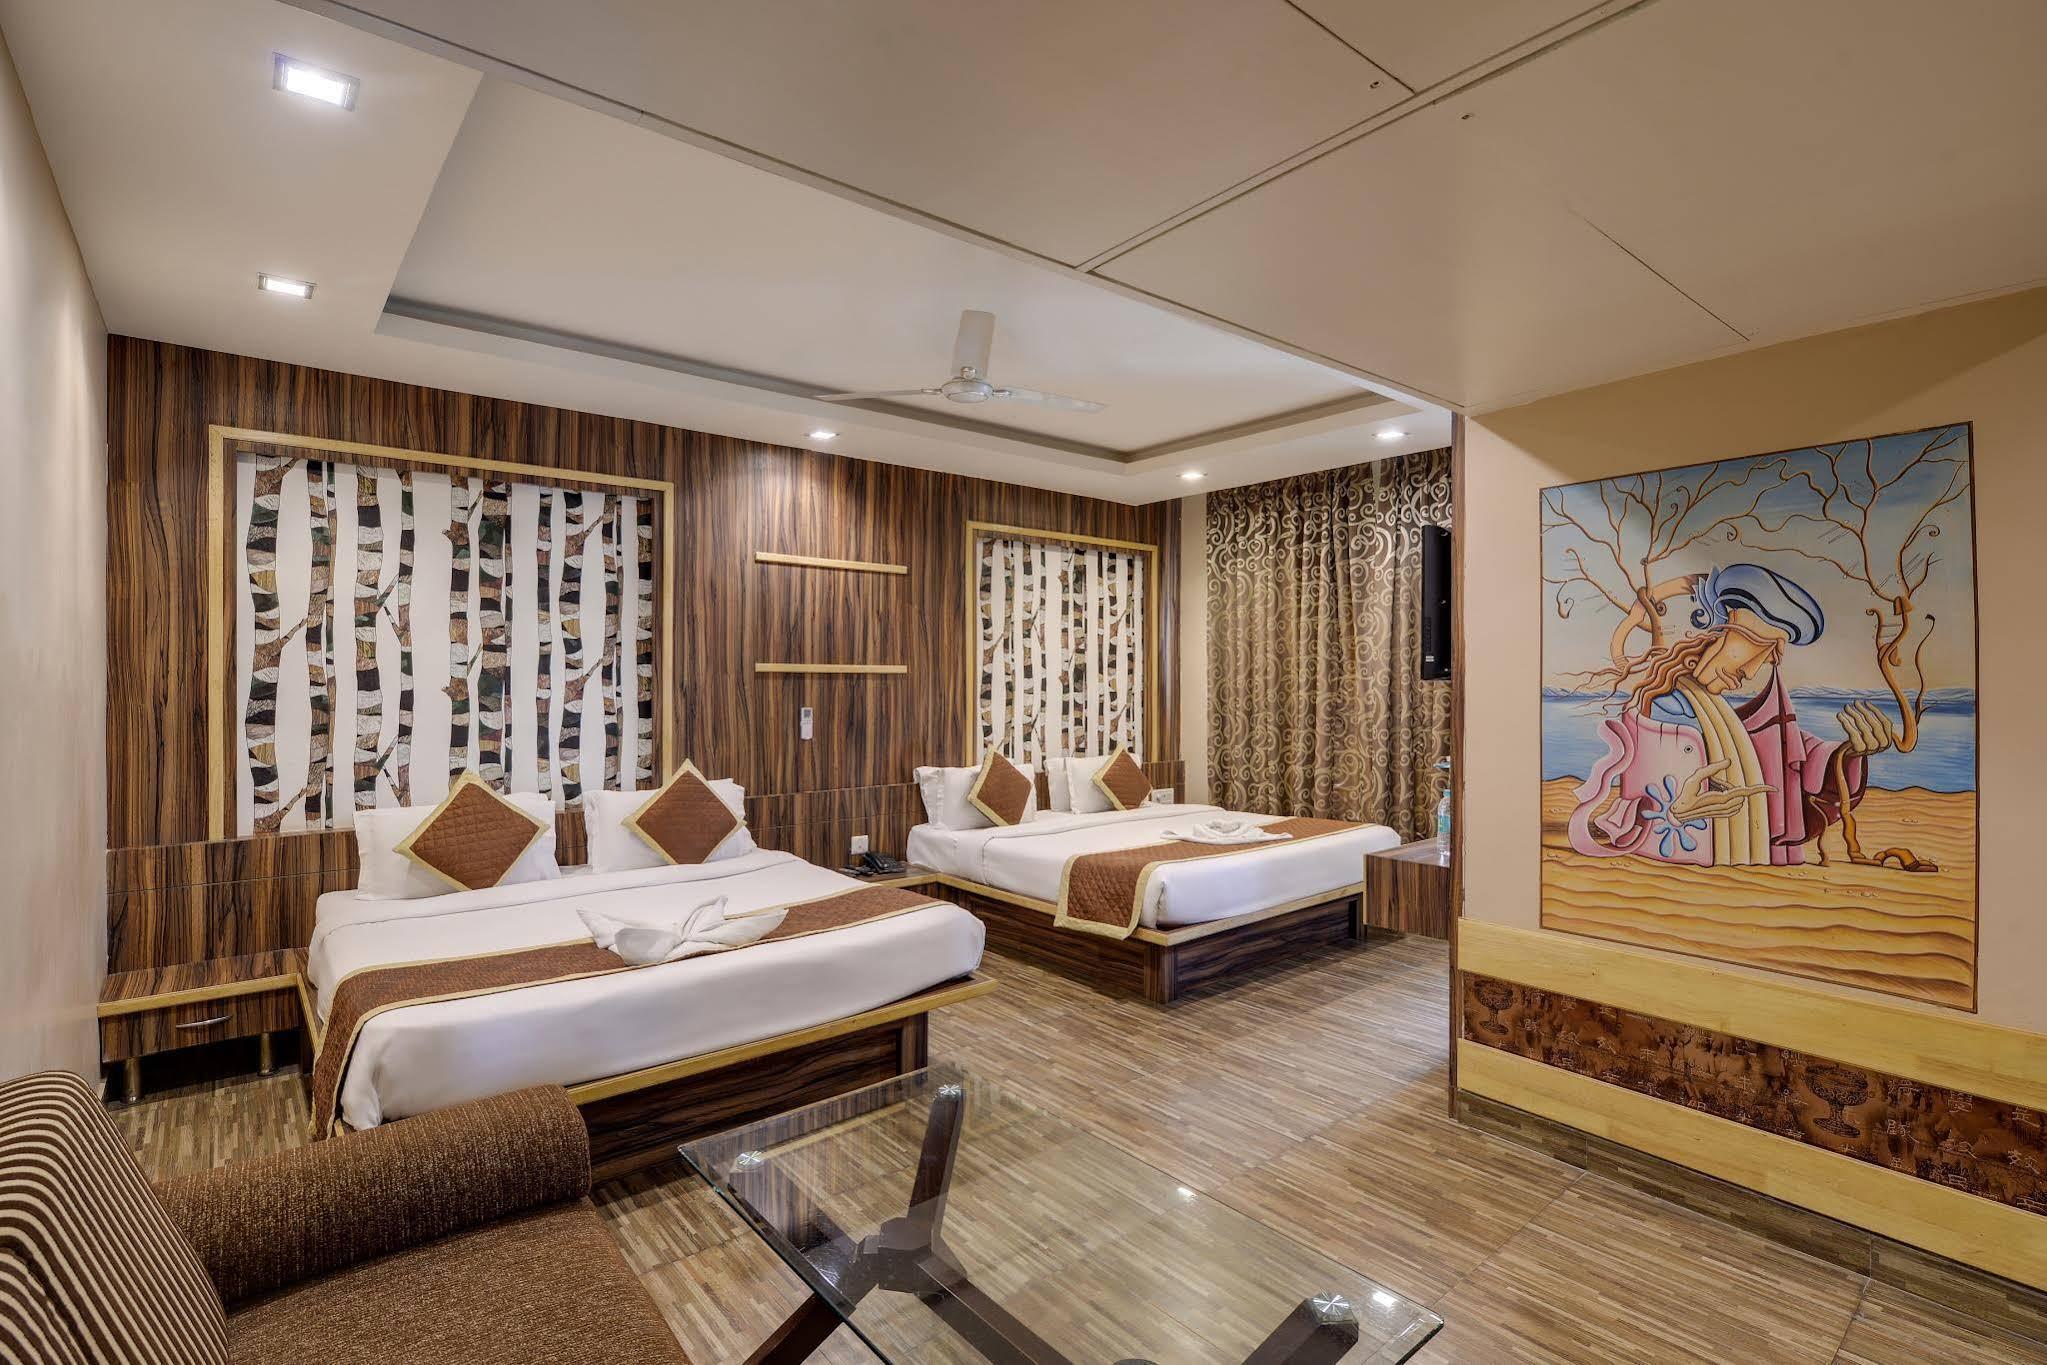 The Royal Melange Hotel